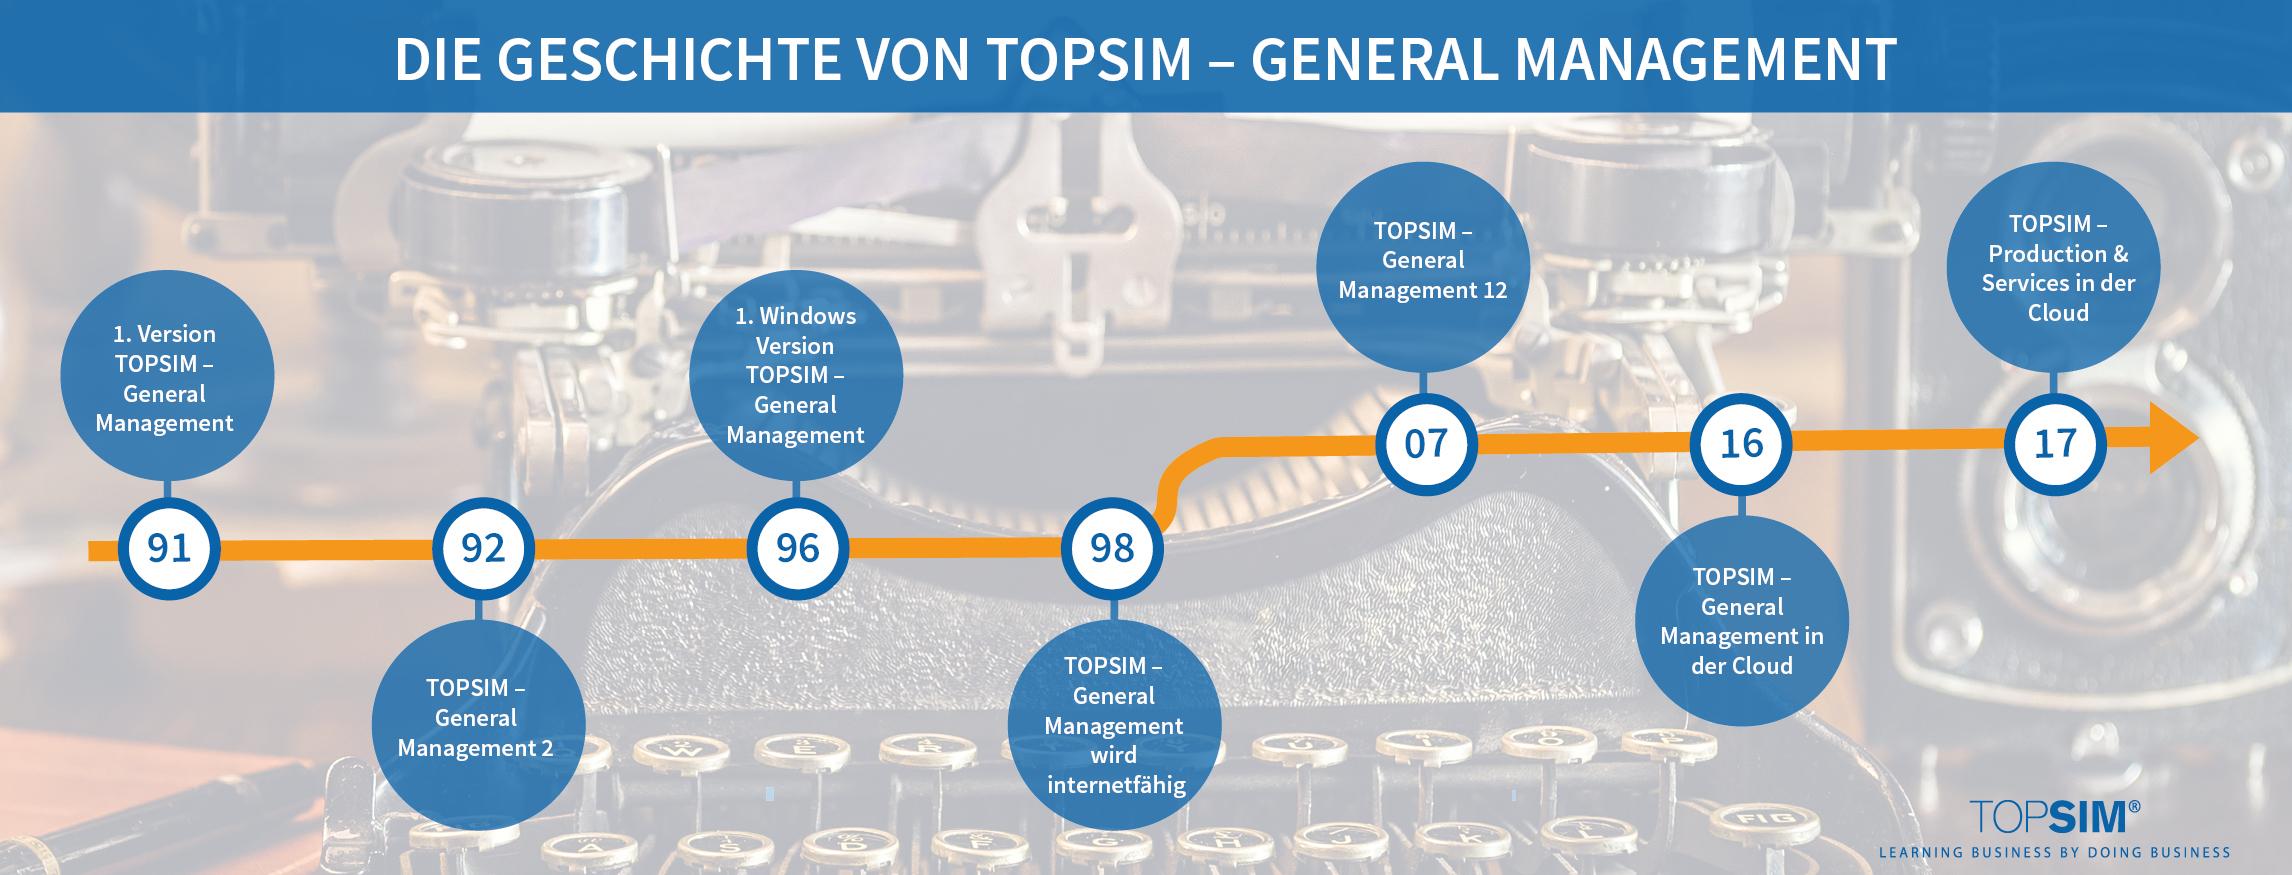 Timeline Geschichte TOPSIM – General Management